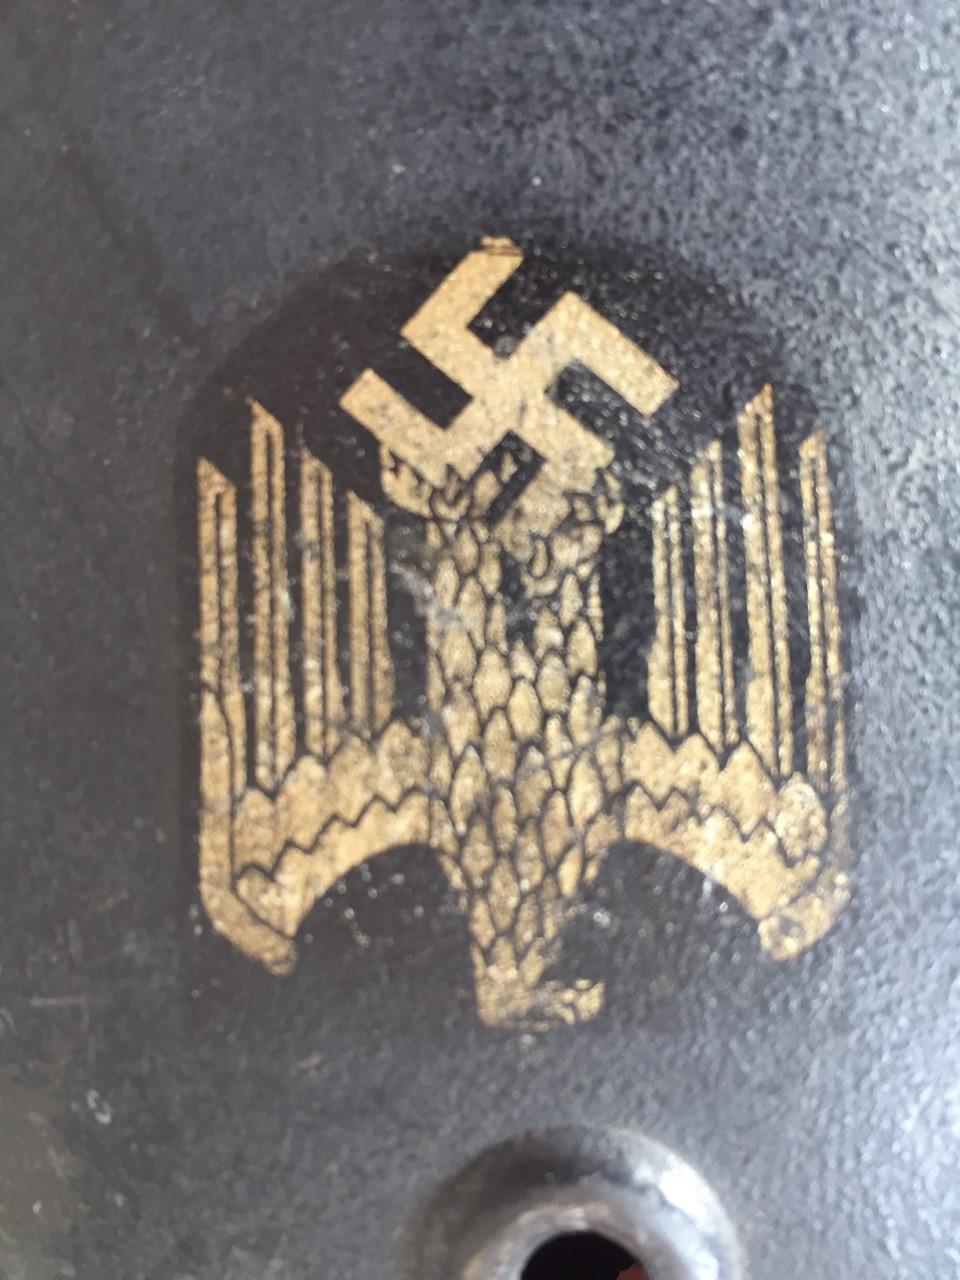 ma collection complète de casques allemands - Page 2 Thumb205